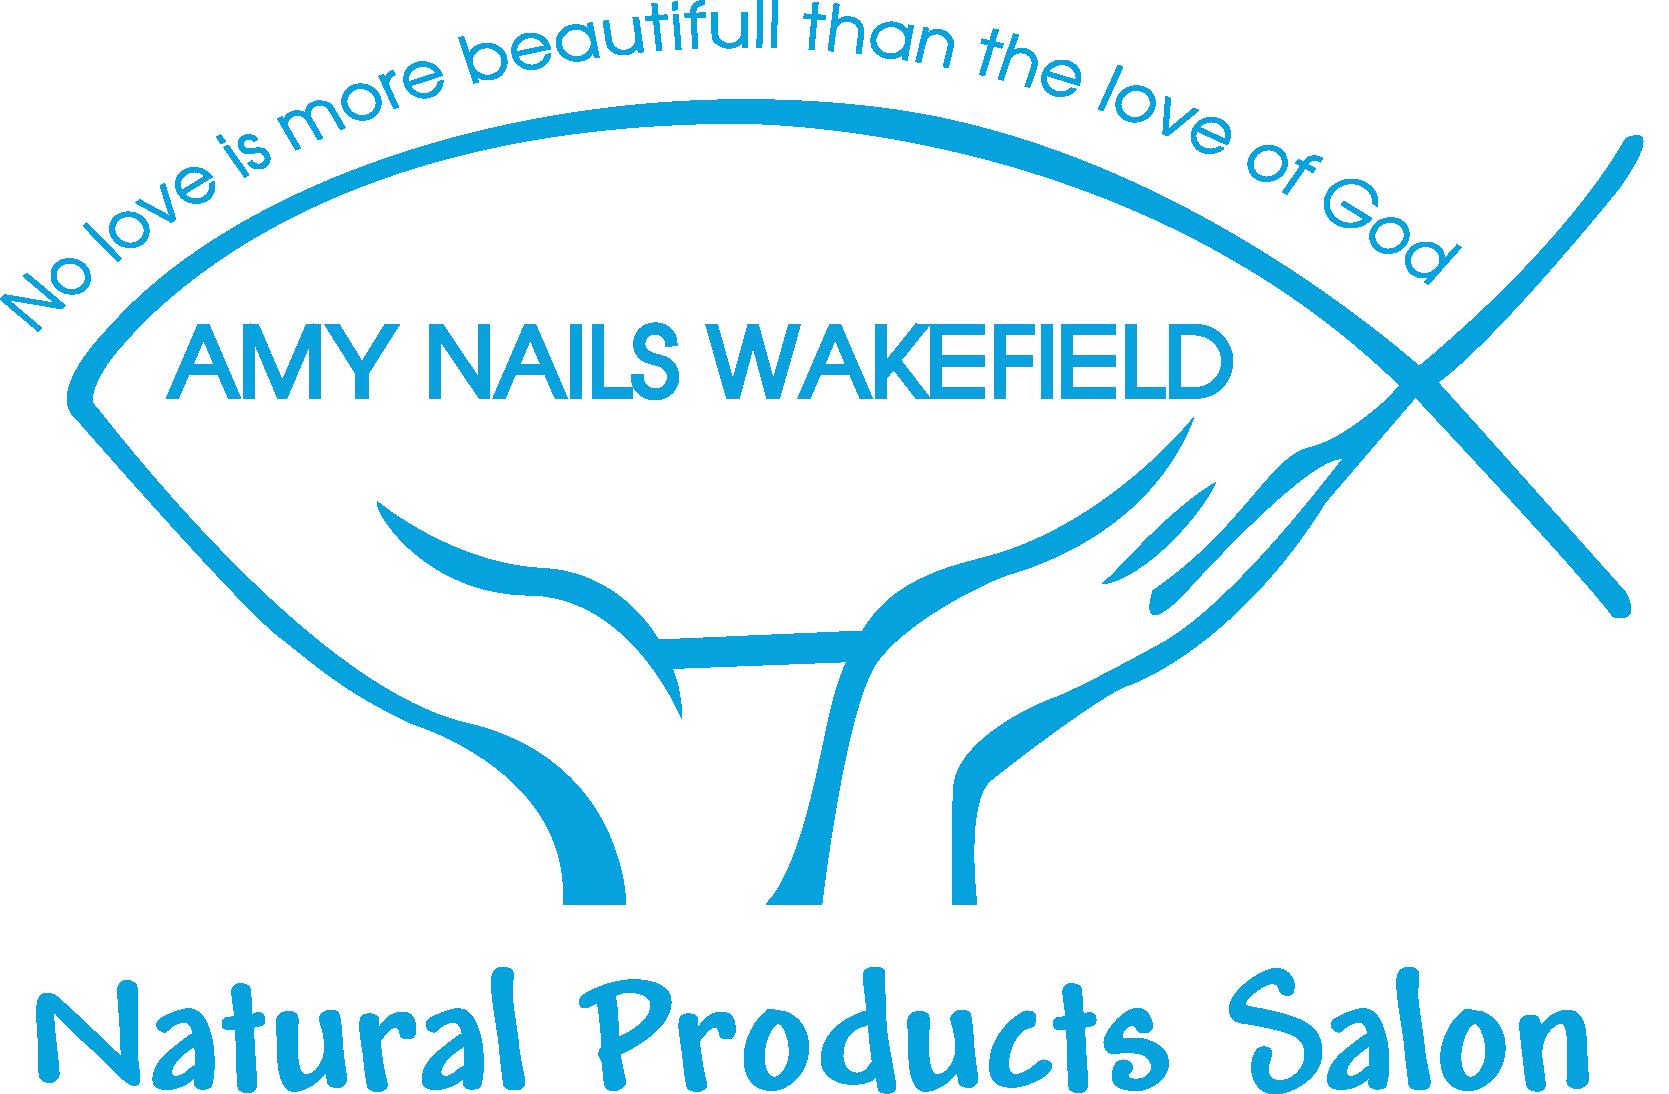 Nail Salon 27614 | Amy Nails | Raleigh, NC 27614